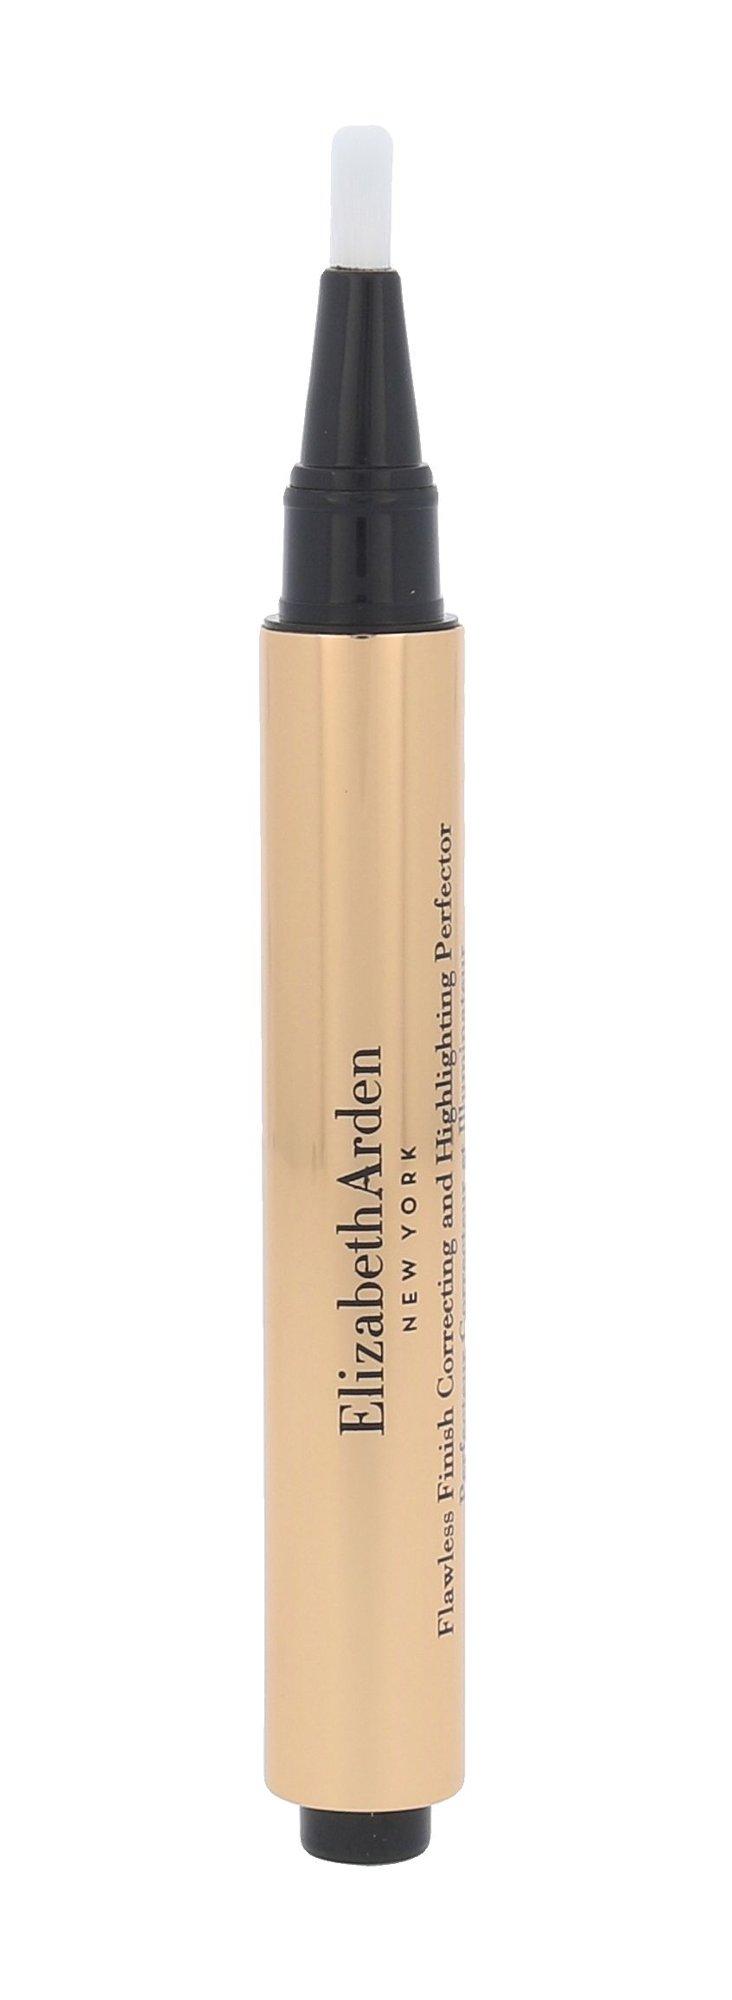 Elizabeth Arden Flawless Finish Cosmetic 2ml 1